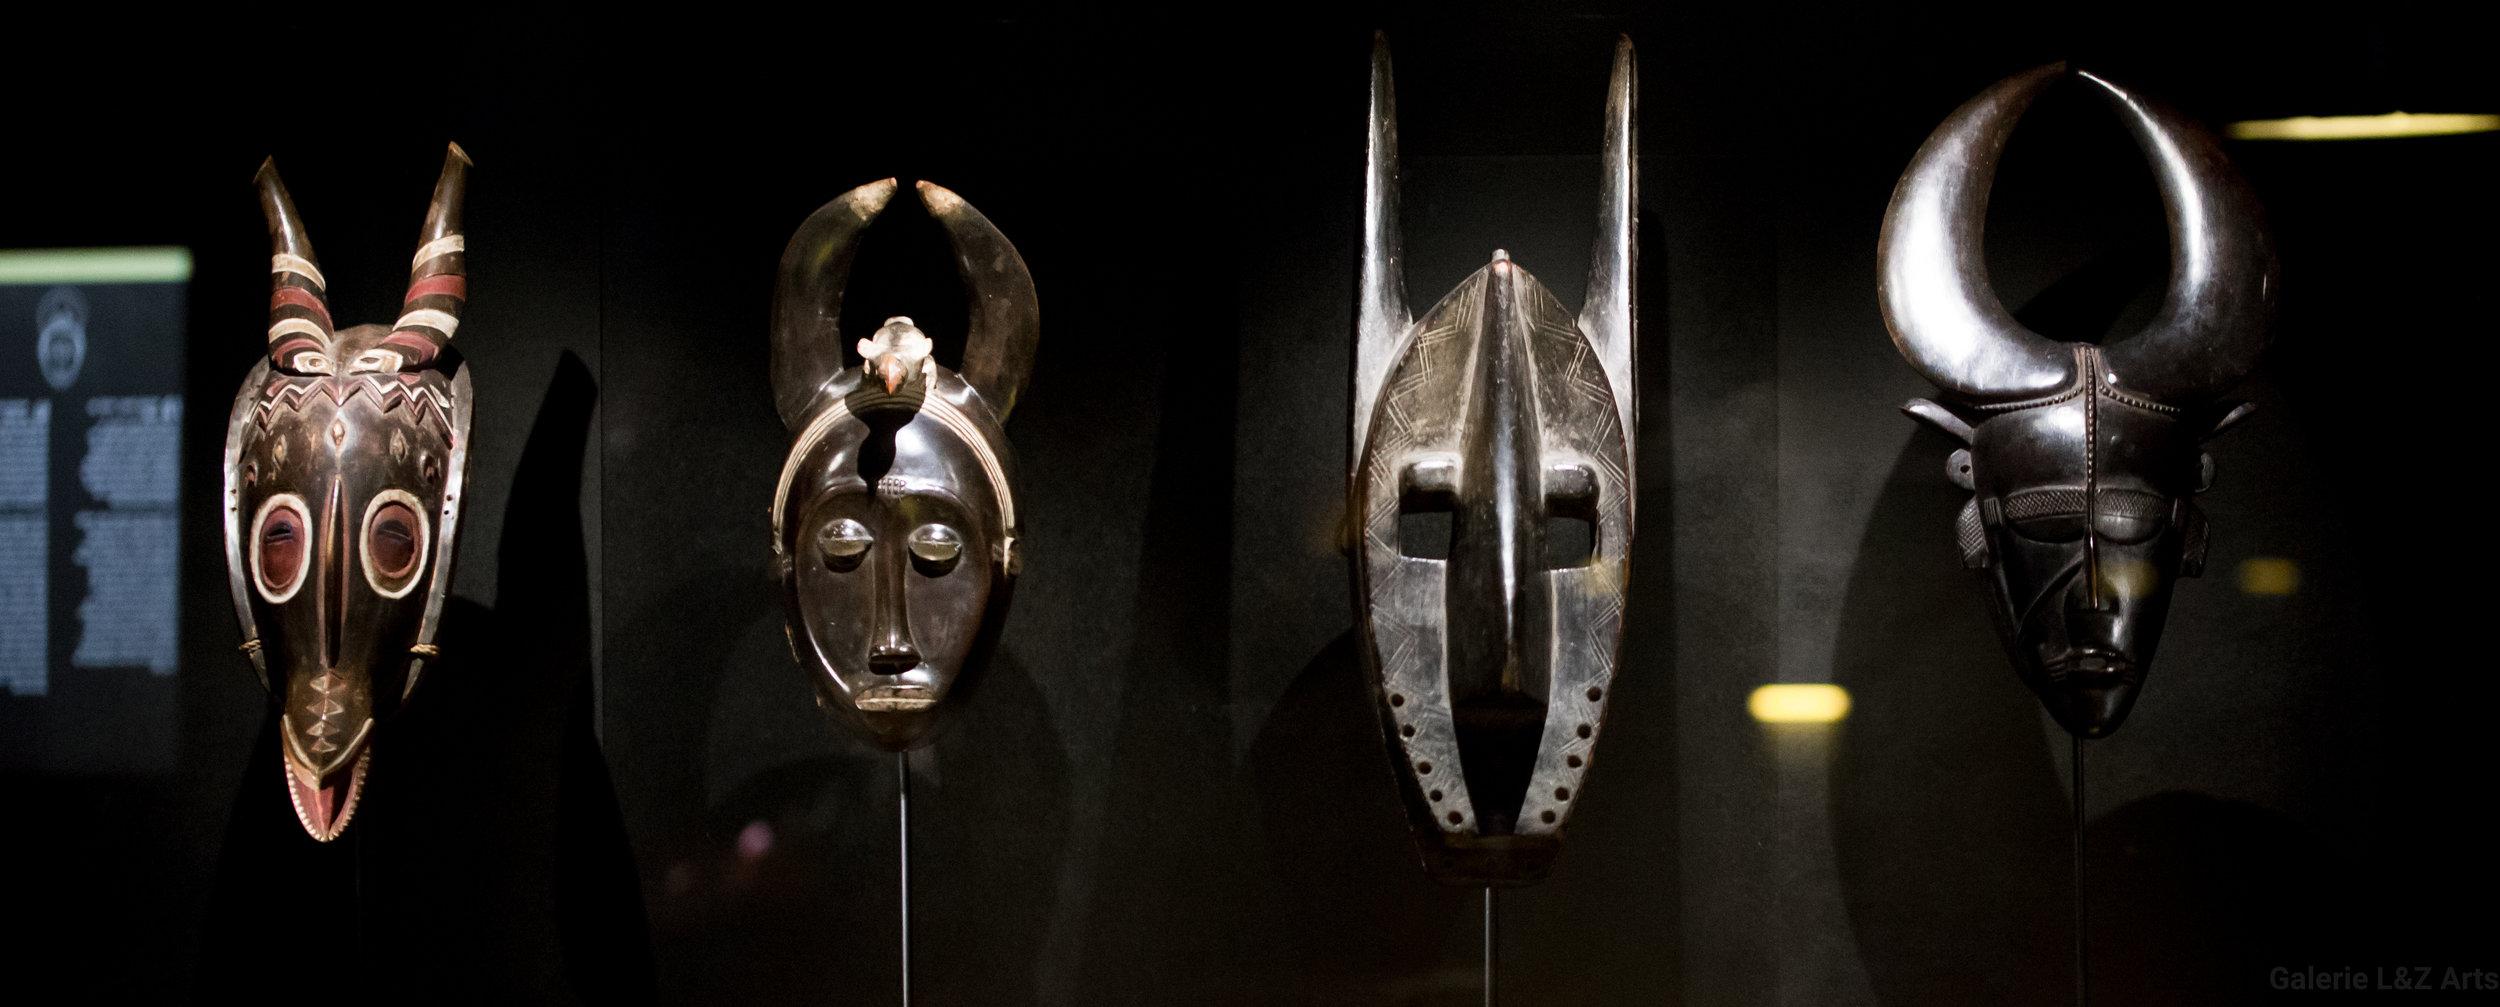 exposition-masque-art-tribal-africain-musee-quai-branly-belgique-galerie-lz-arts-liege-cite-miroir-oceanie-asie-japon-amerique-art-premier-nepal-13.jpg